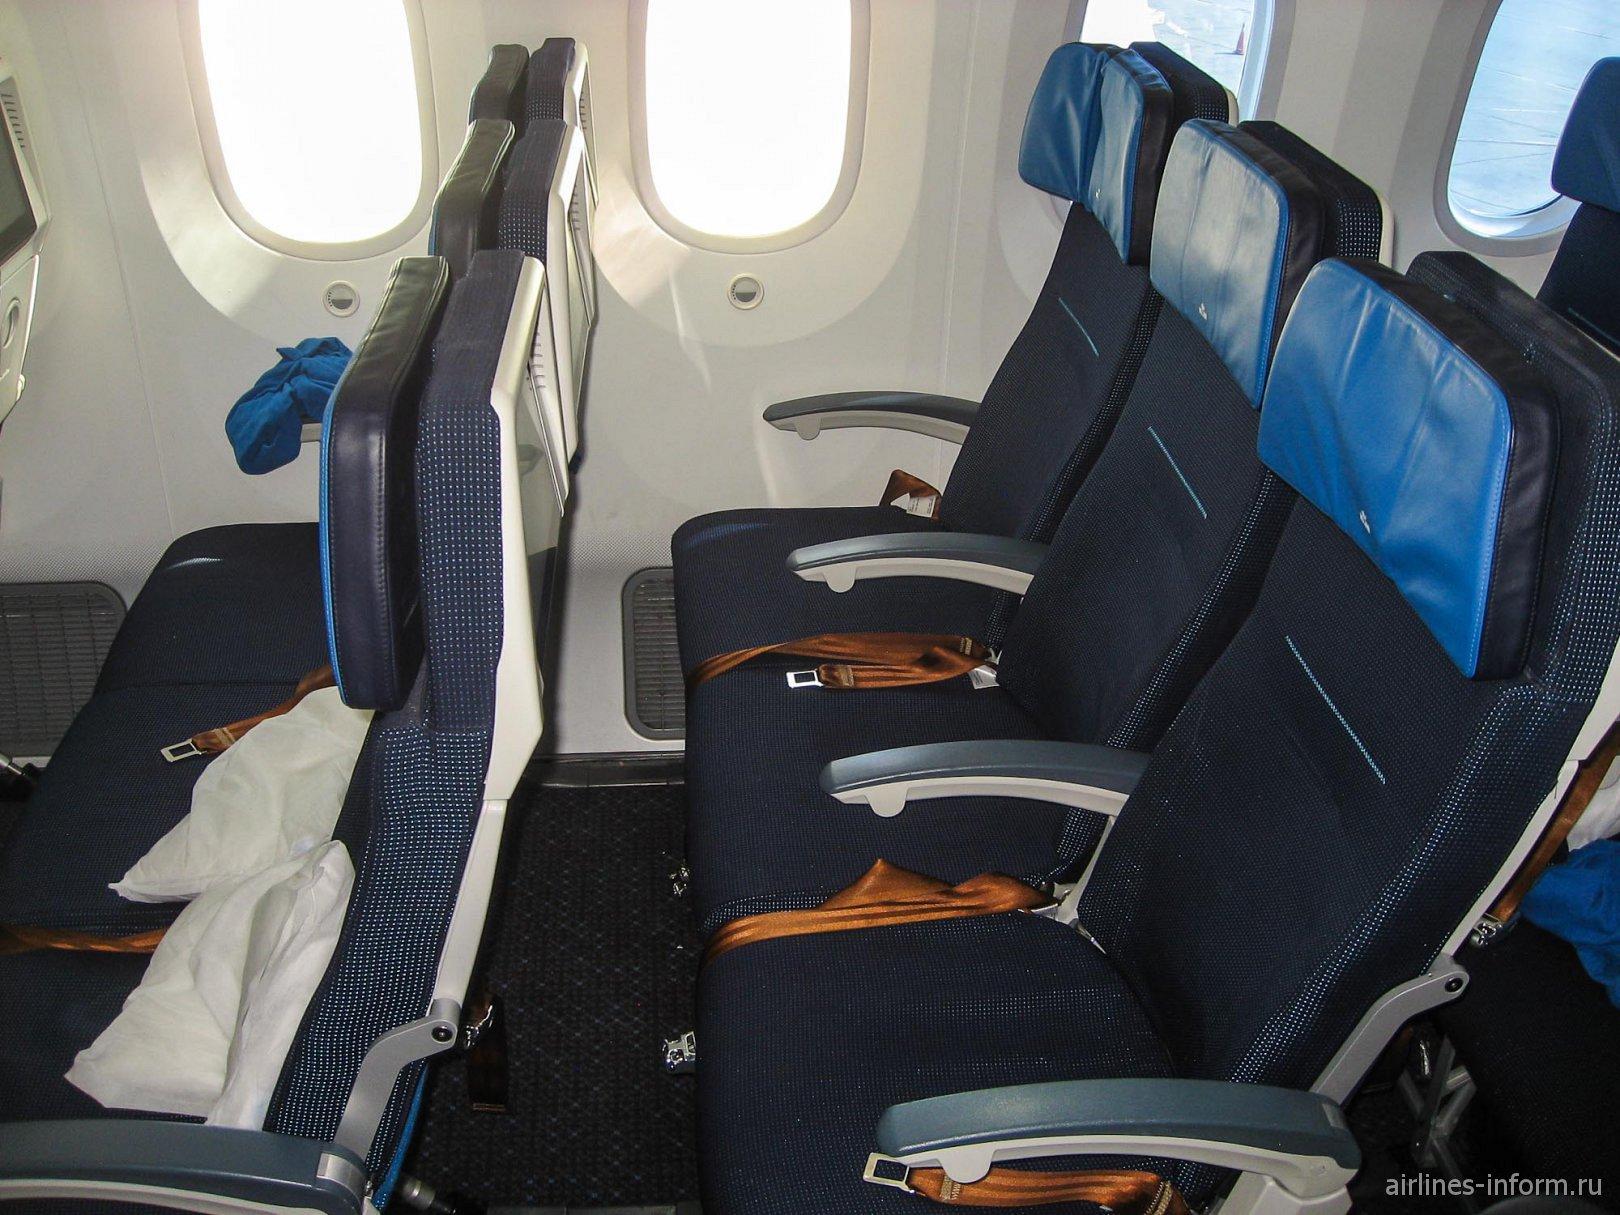 Пассажирские кресла эконом-класса в Боинге-787-9 авиакомпании KLM